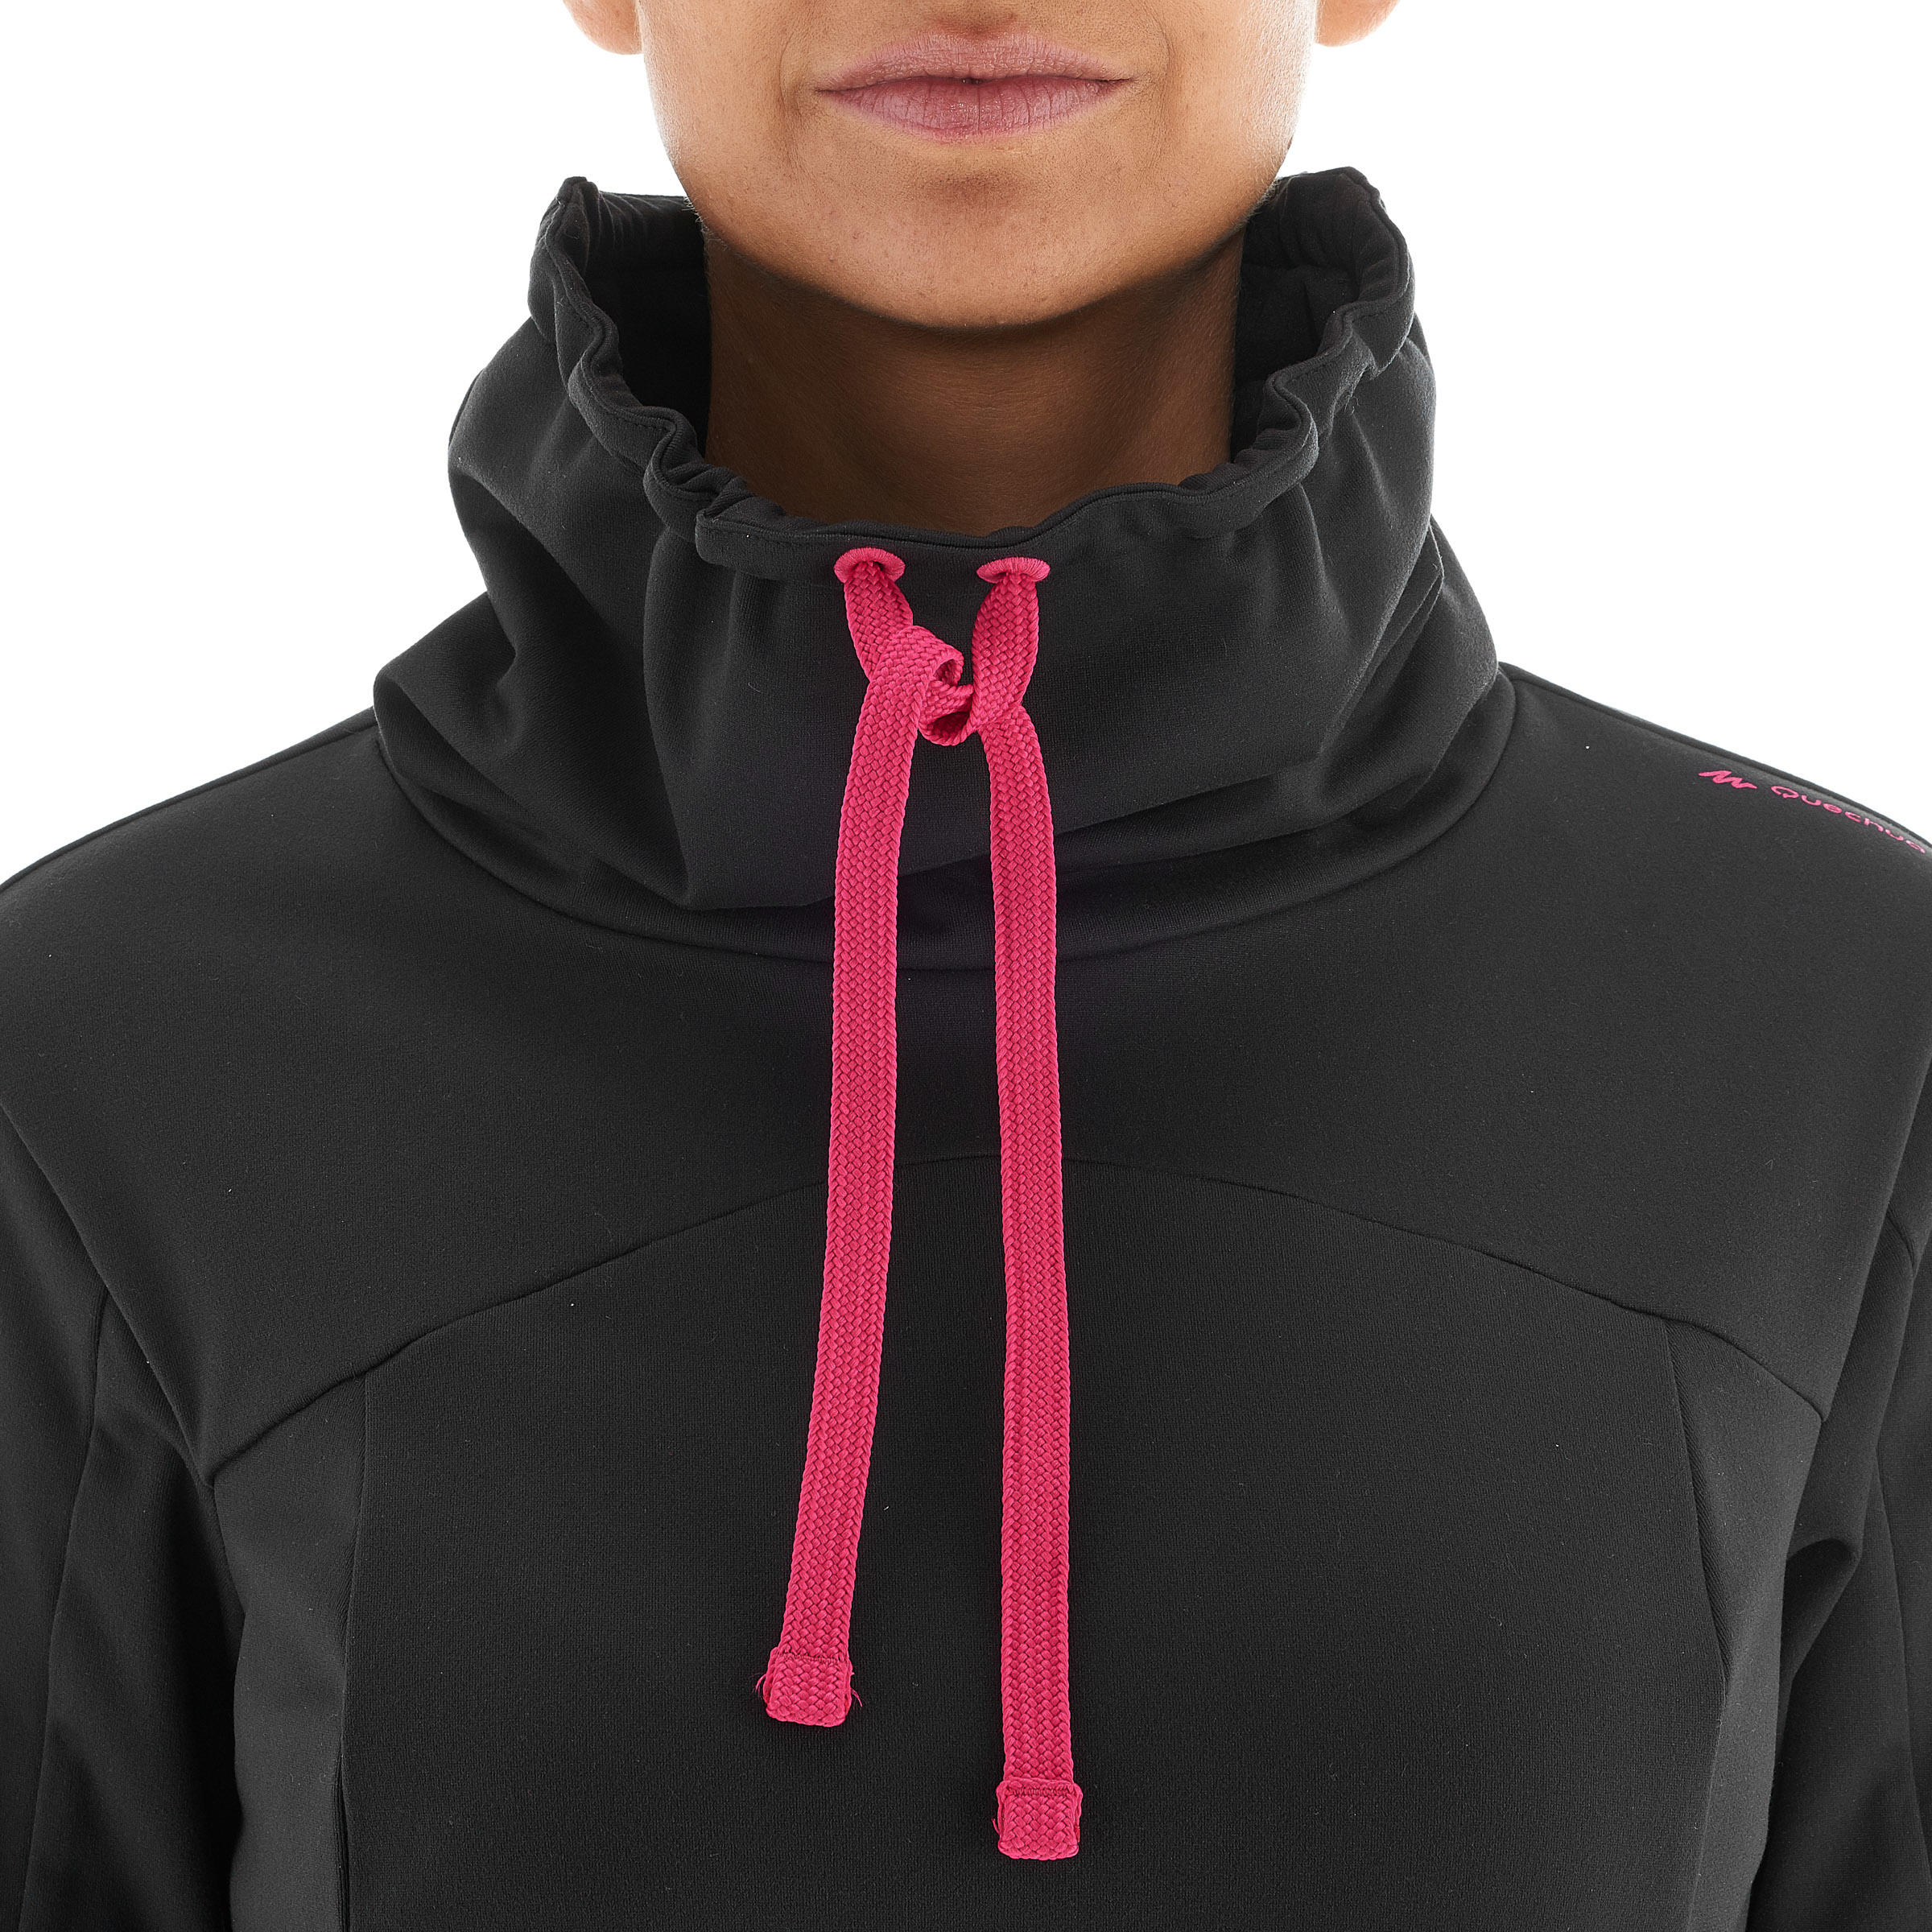 Tee-shirt de randonnée neige manches longues femme SH100 warm noir